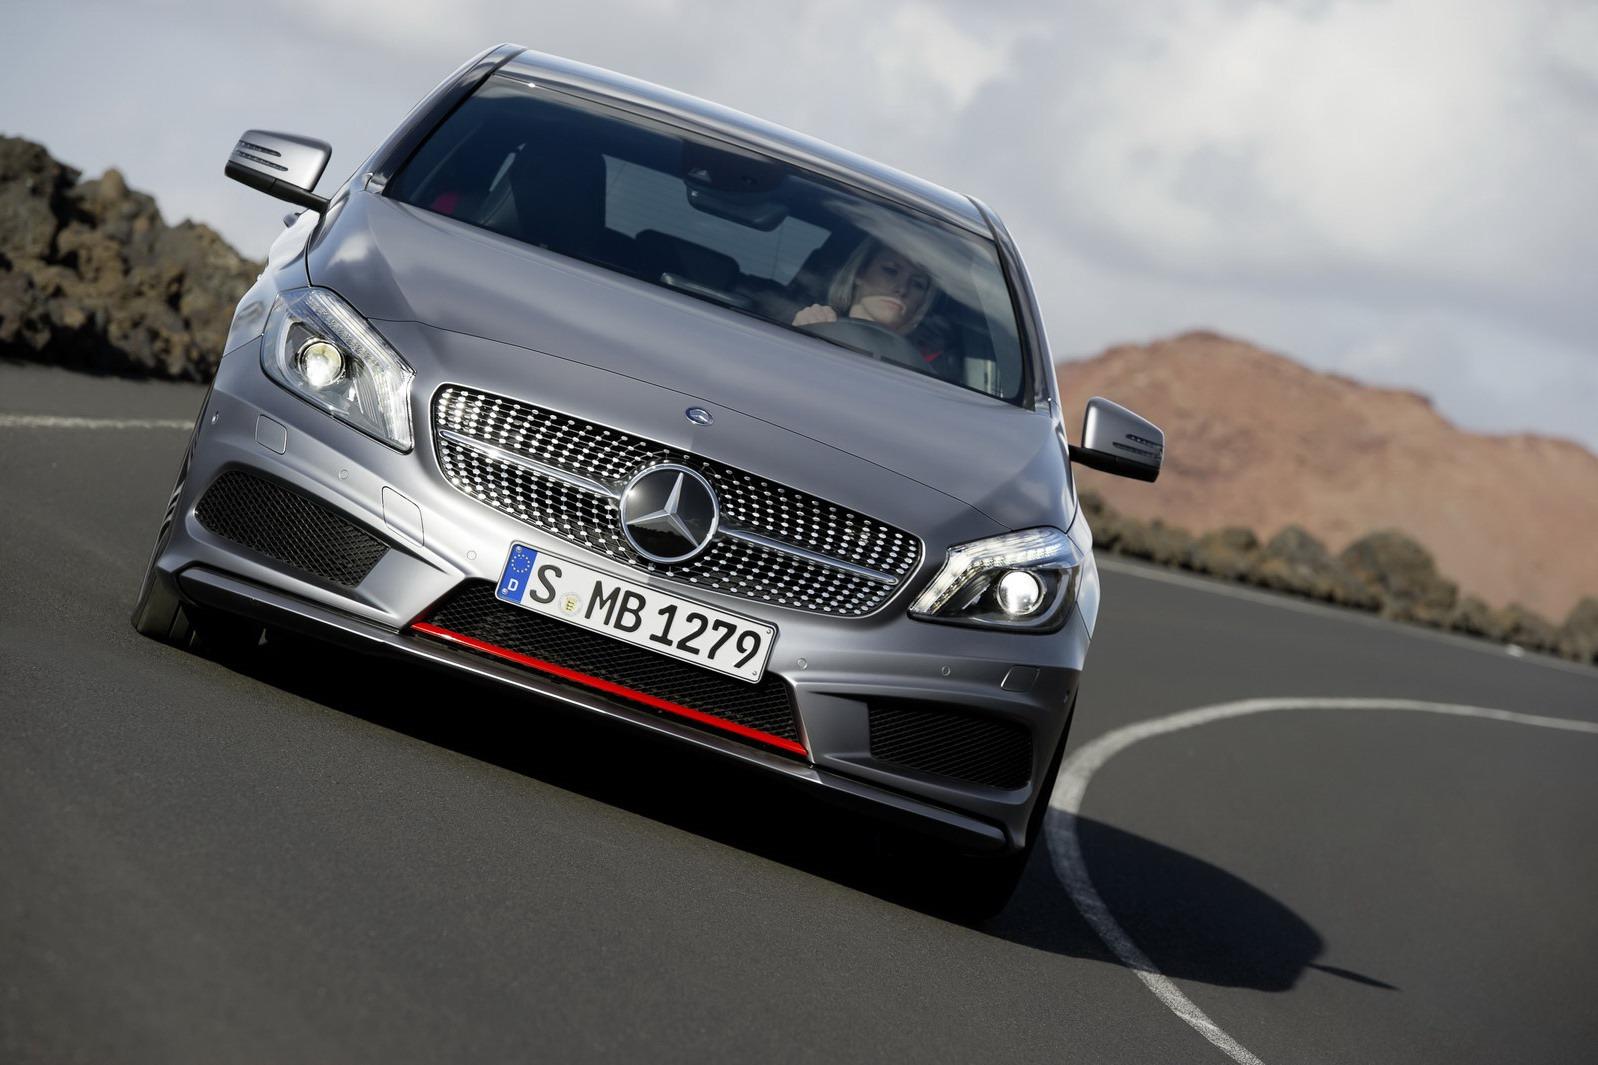 http://2.bp.blogspot.com/-XxUiwSMYlJY/T1d_pKKQQ0I/AAAAAAAACZQ/eEM-tHHZDyY/s1600/2013-Mercedes-A-Class-wallpaper_10.jpg